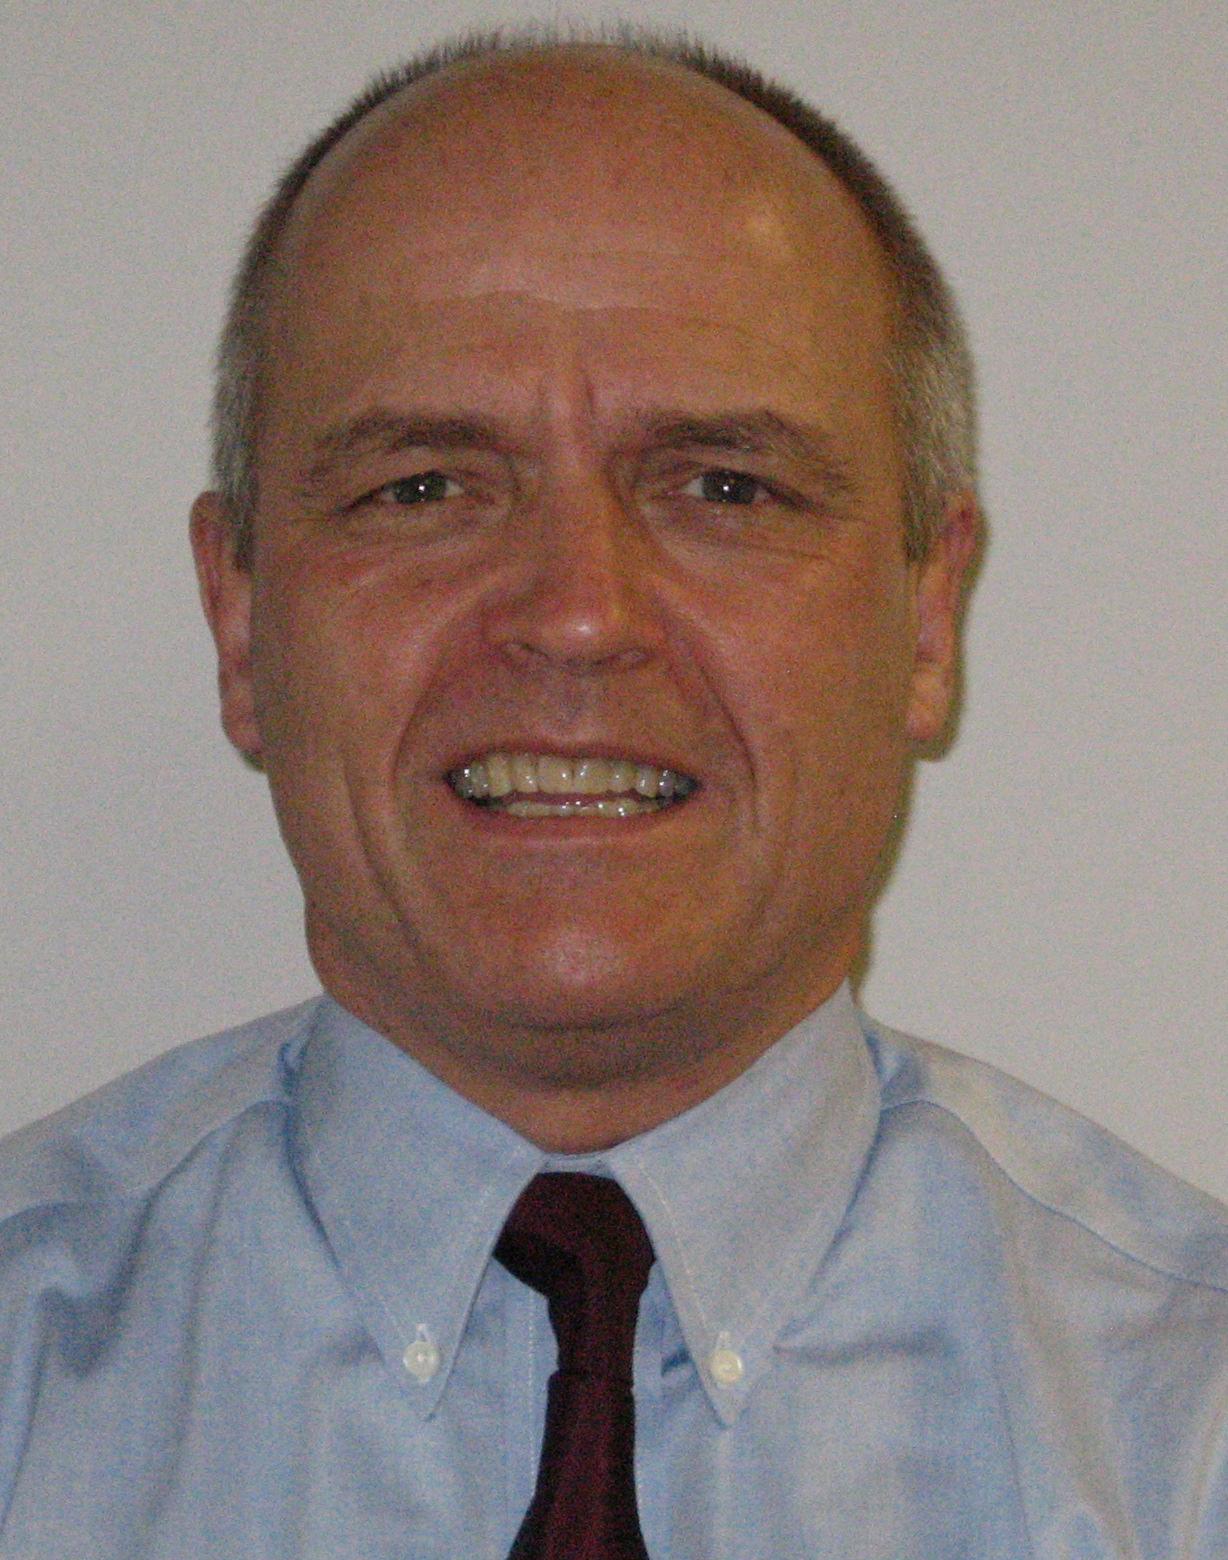 Chris Agoliati